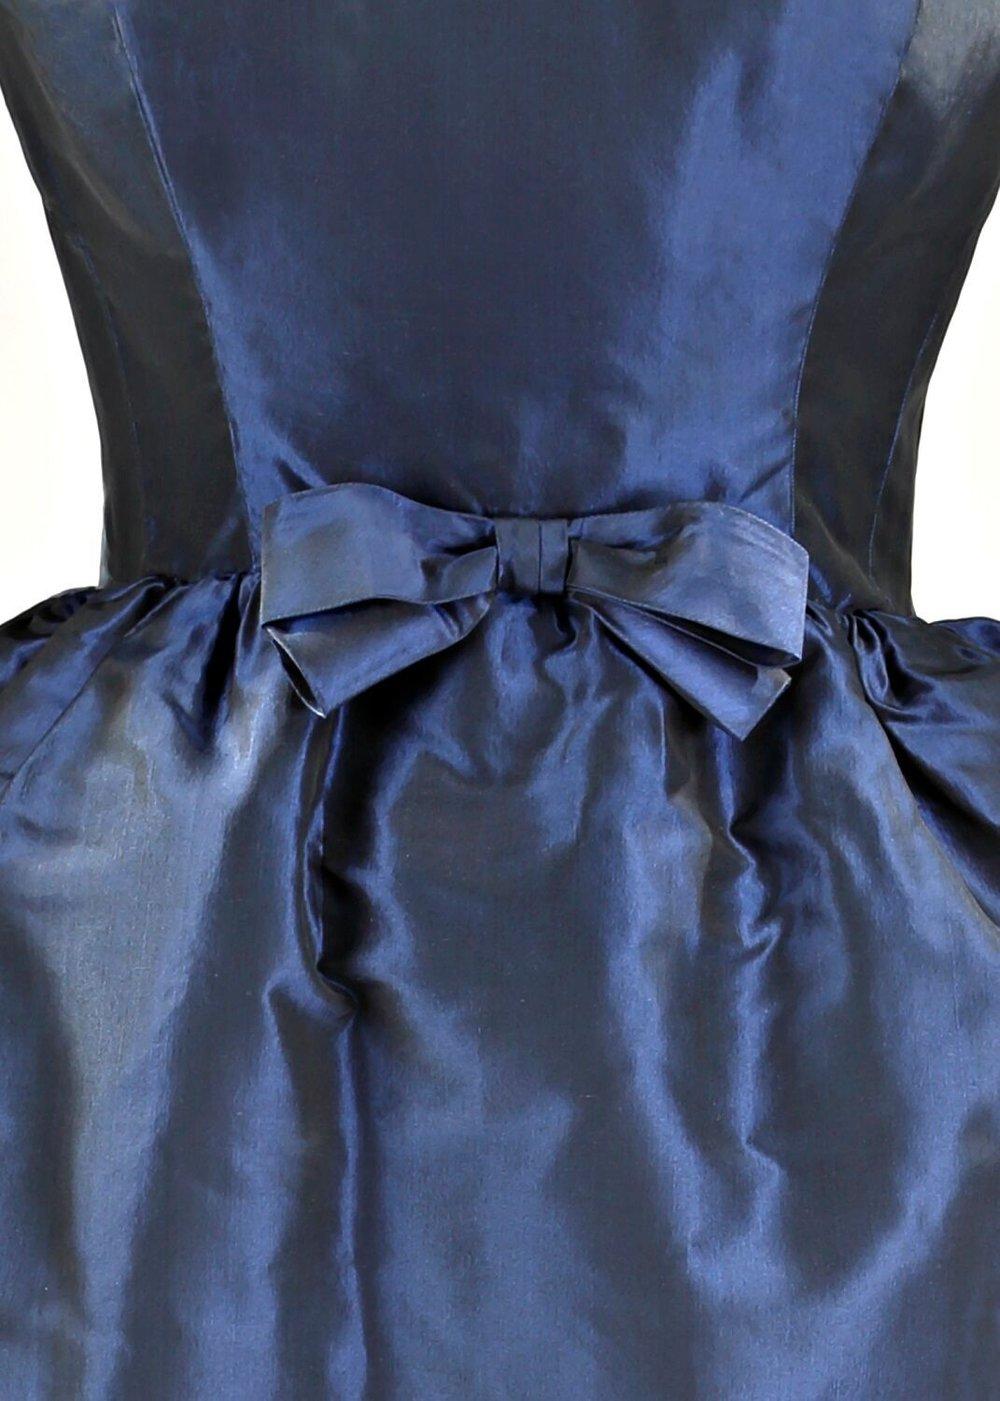 Balenciaga_exposition_détail robe.jpg